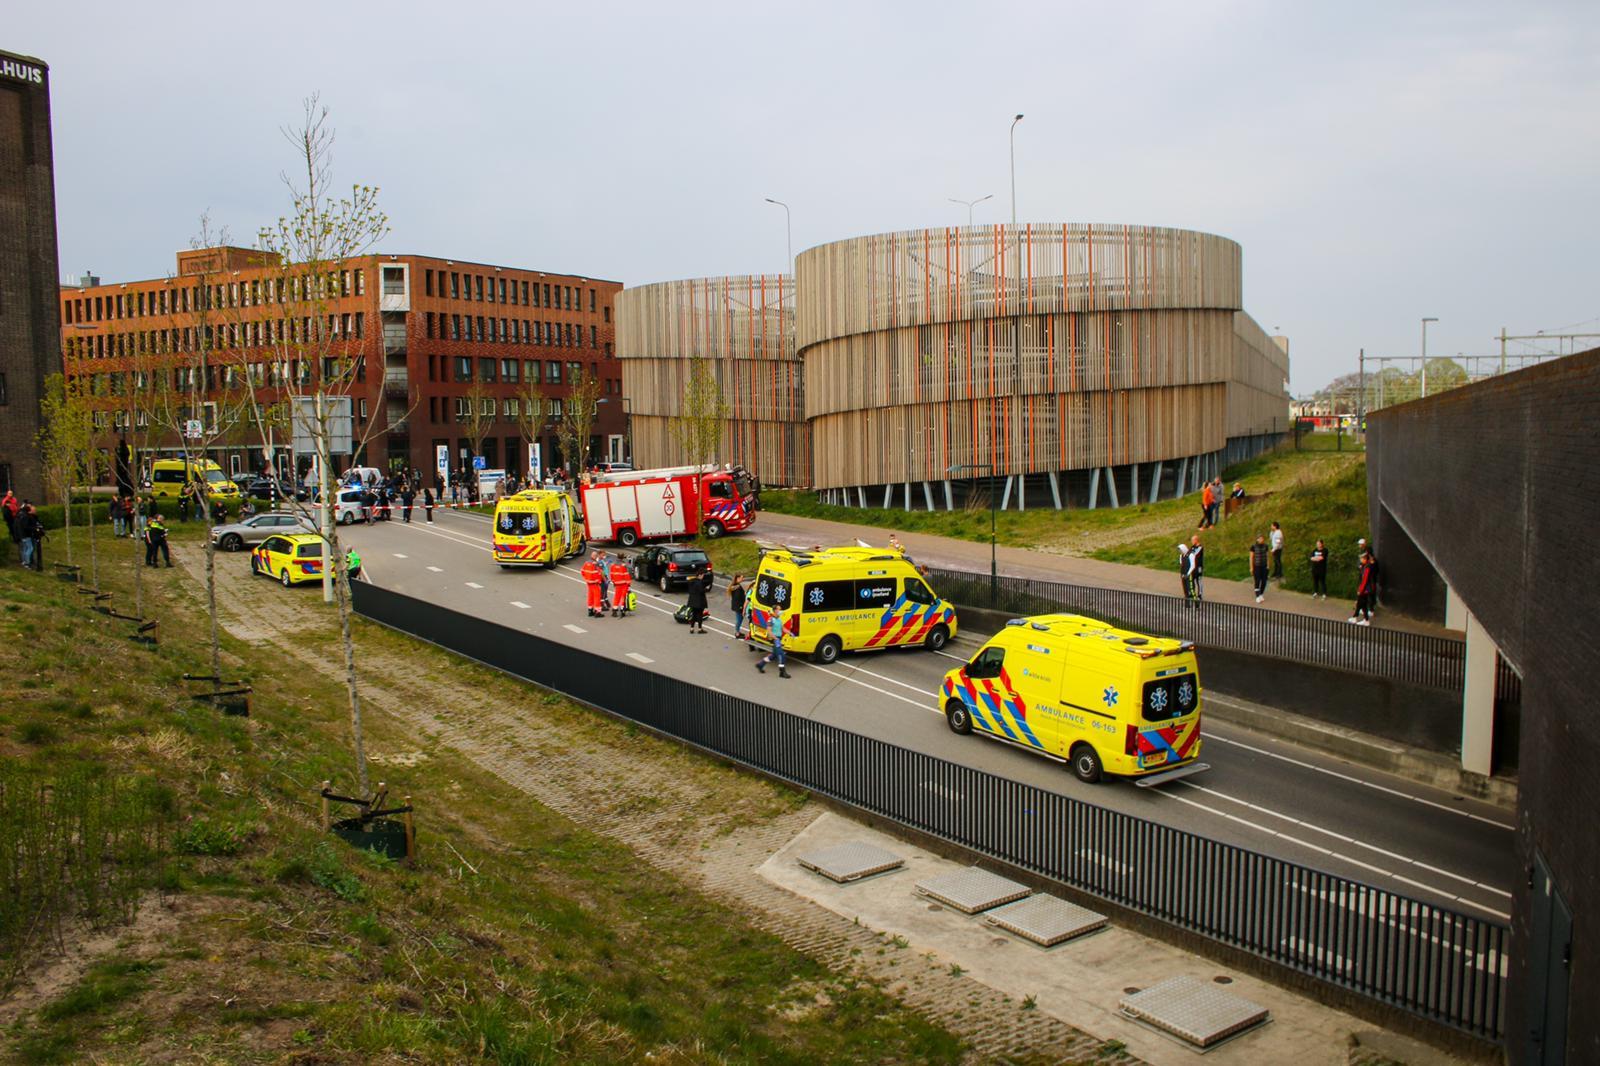 Dode en zwaargewonde bij tragisch ongeval in Zutphen.